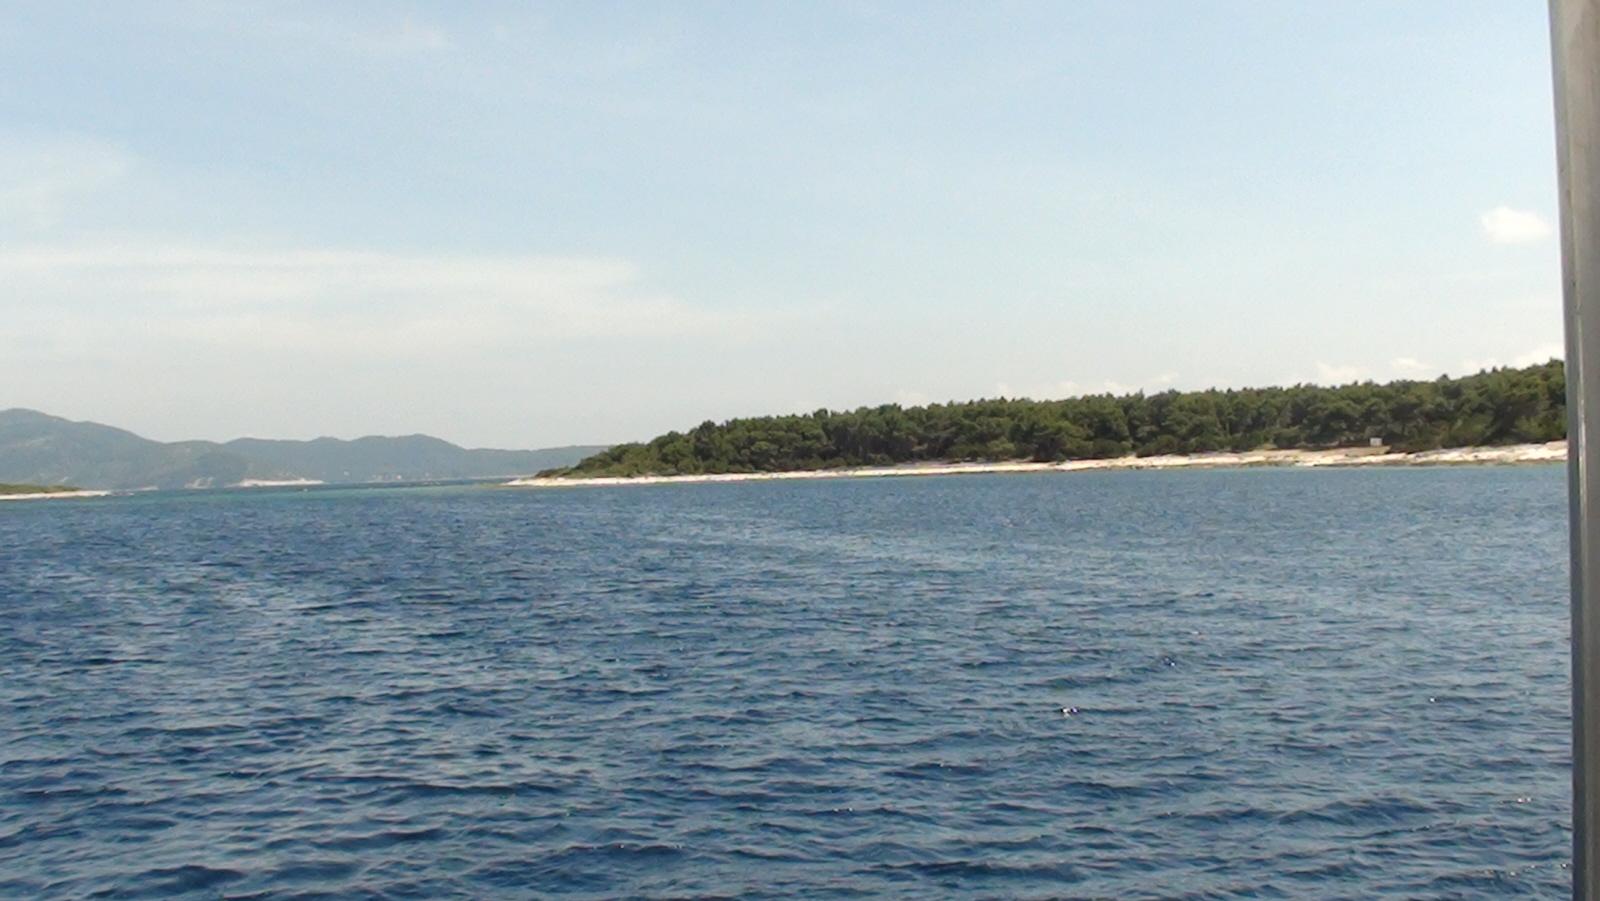 Proizd. Bezludna wyspa ożywa tylko latem